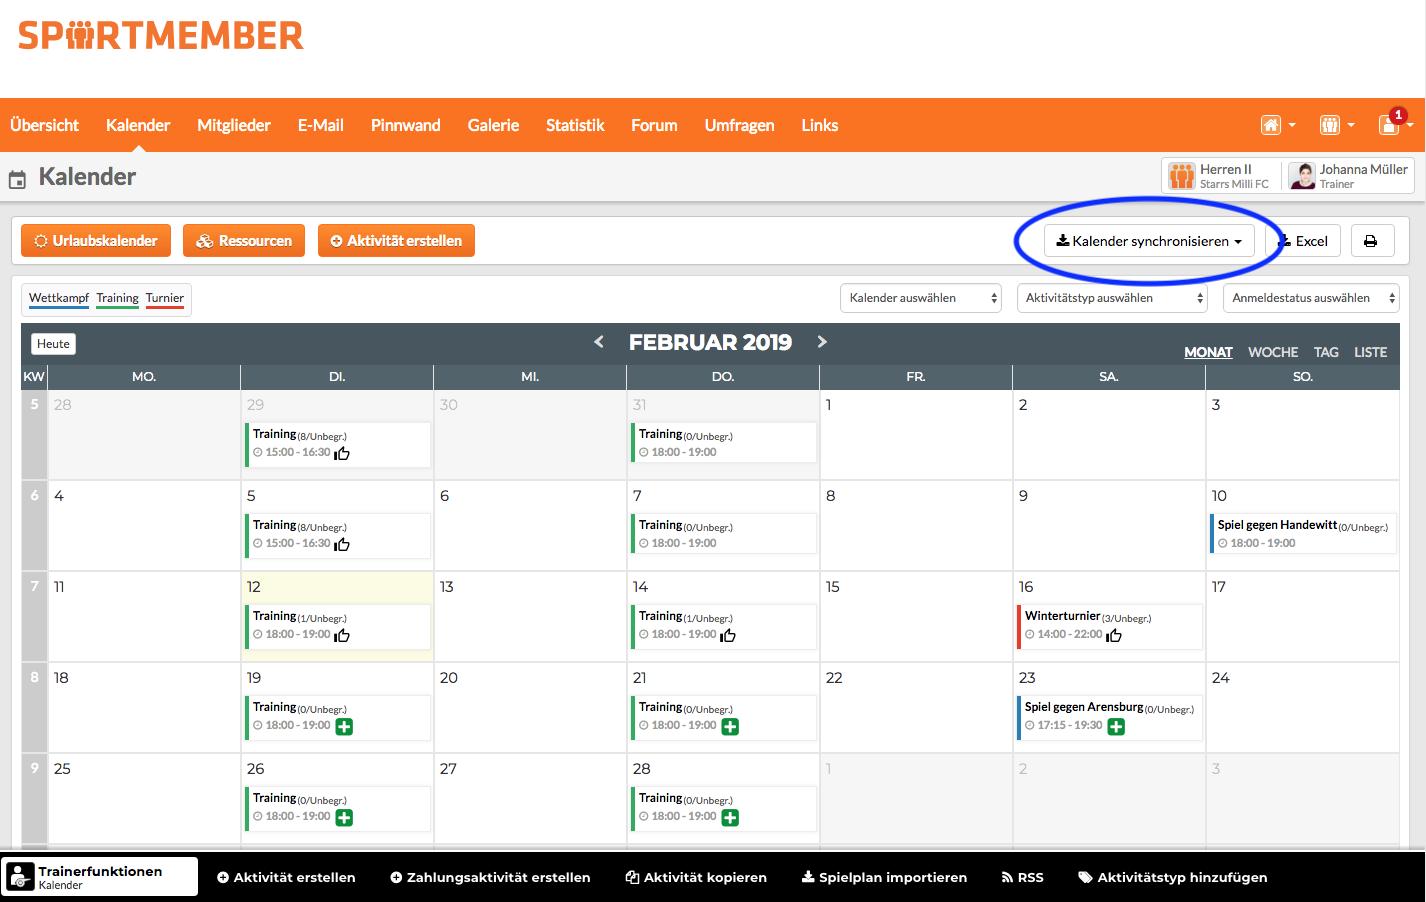 Kalender synchronisieren SportMember